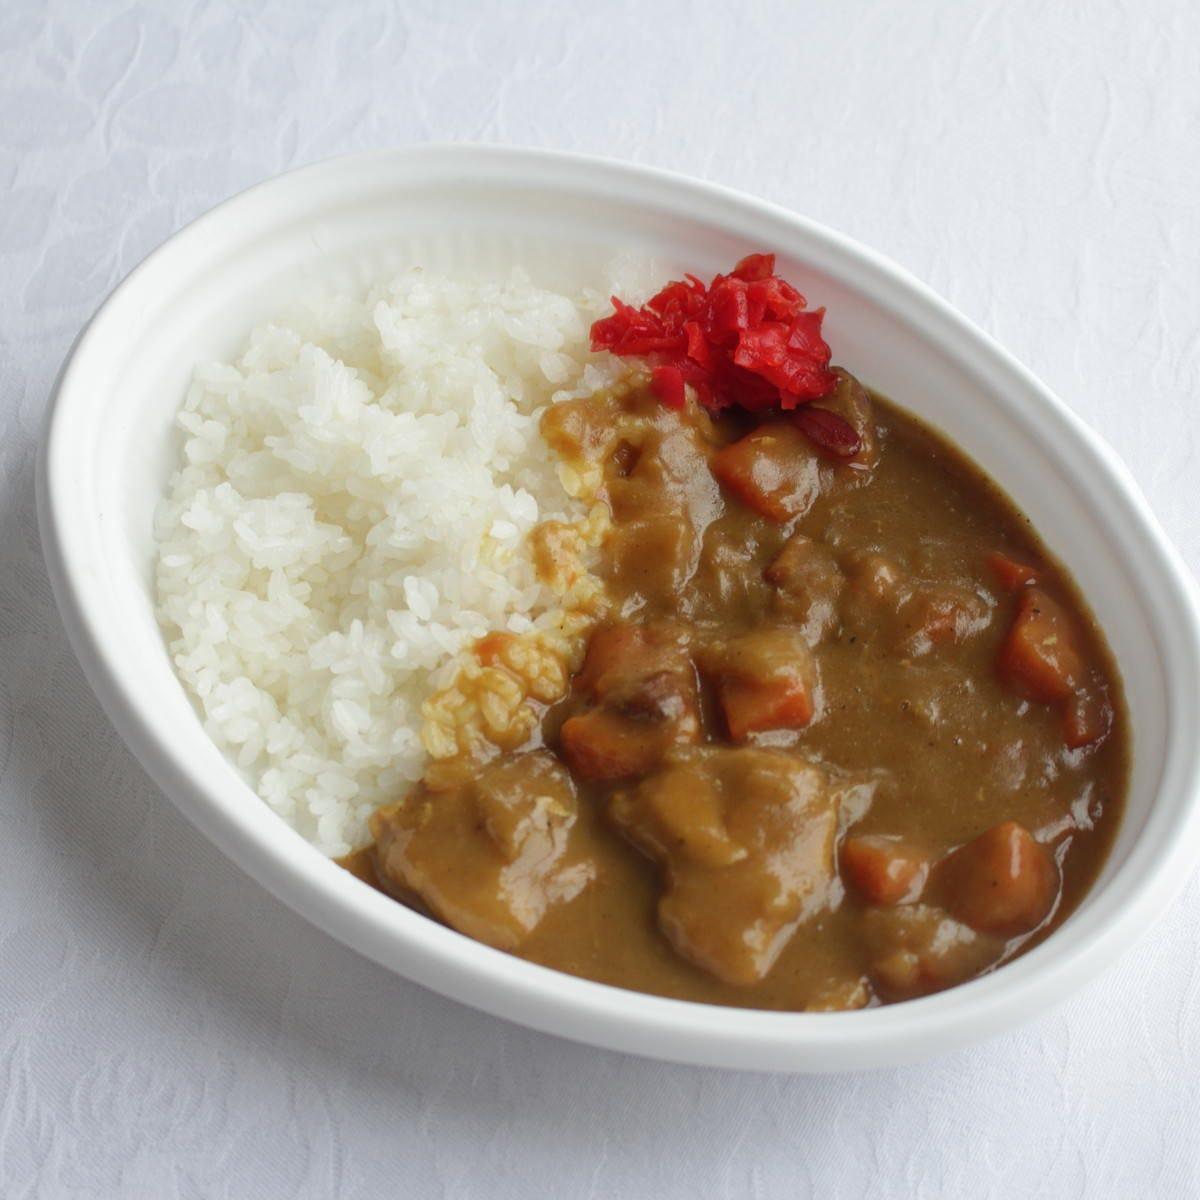 よこすか海軍カレー。鶏肉を使った、横須賀名物の甘口カレーです